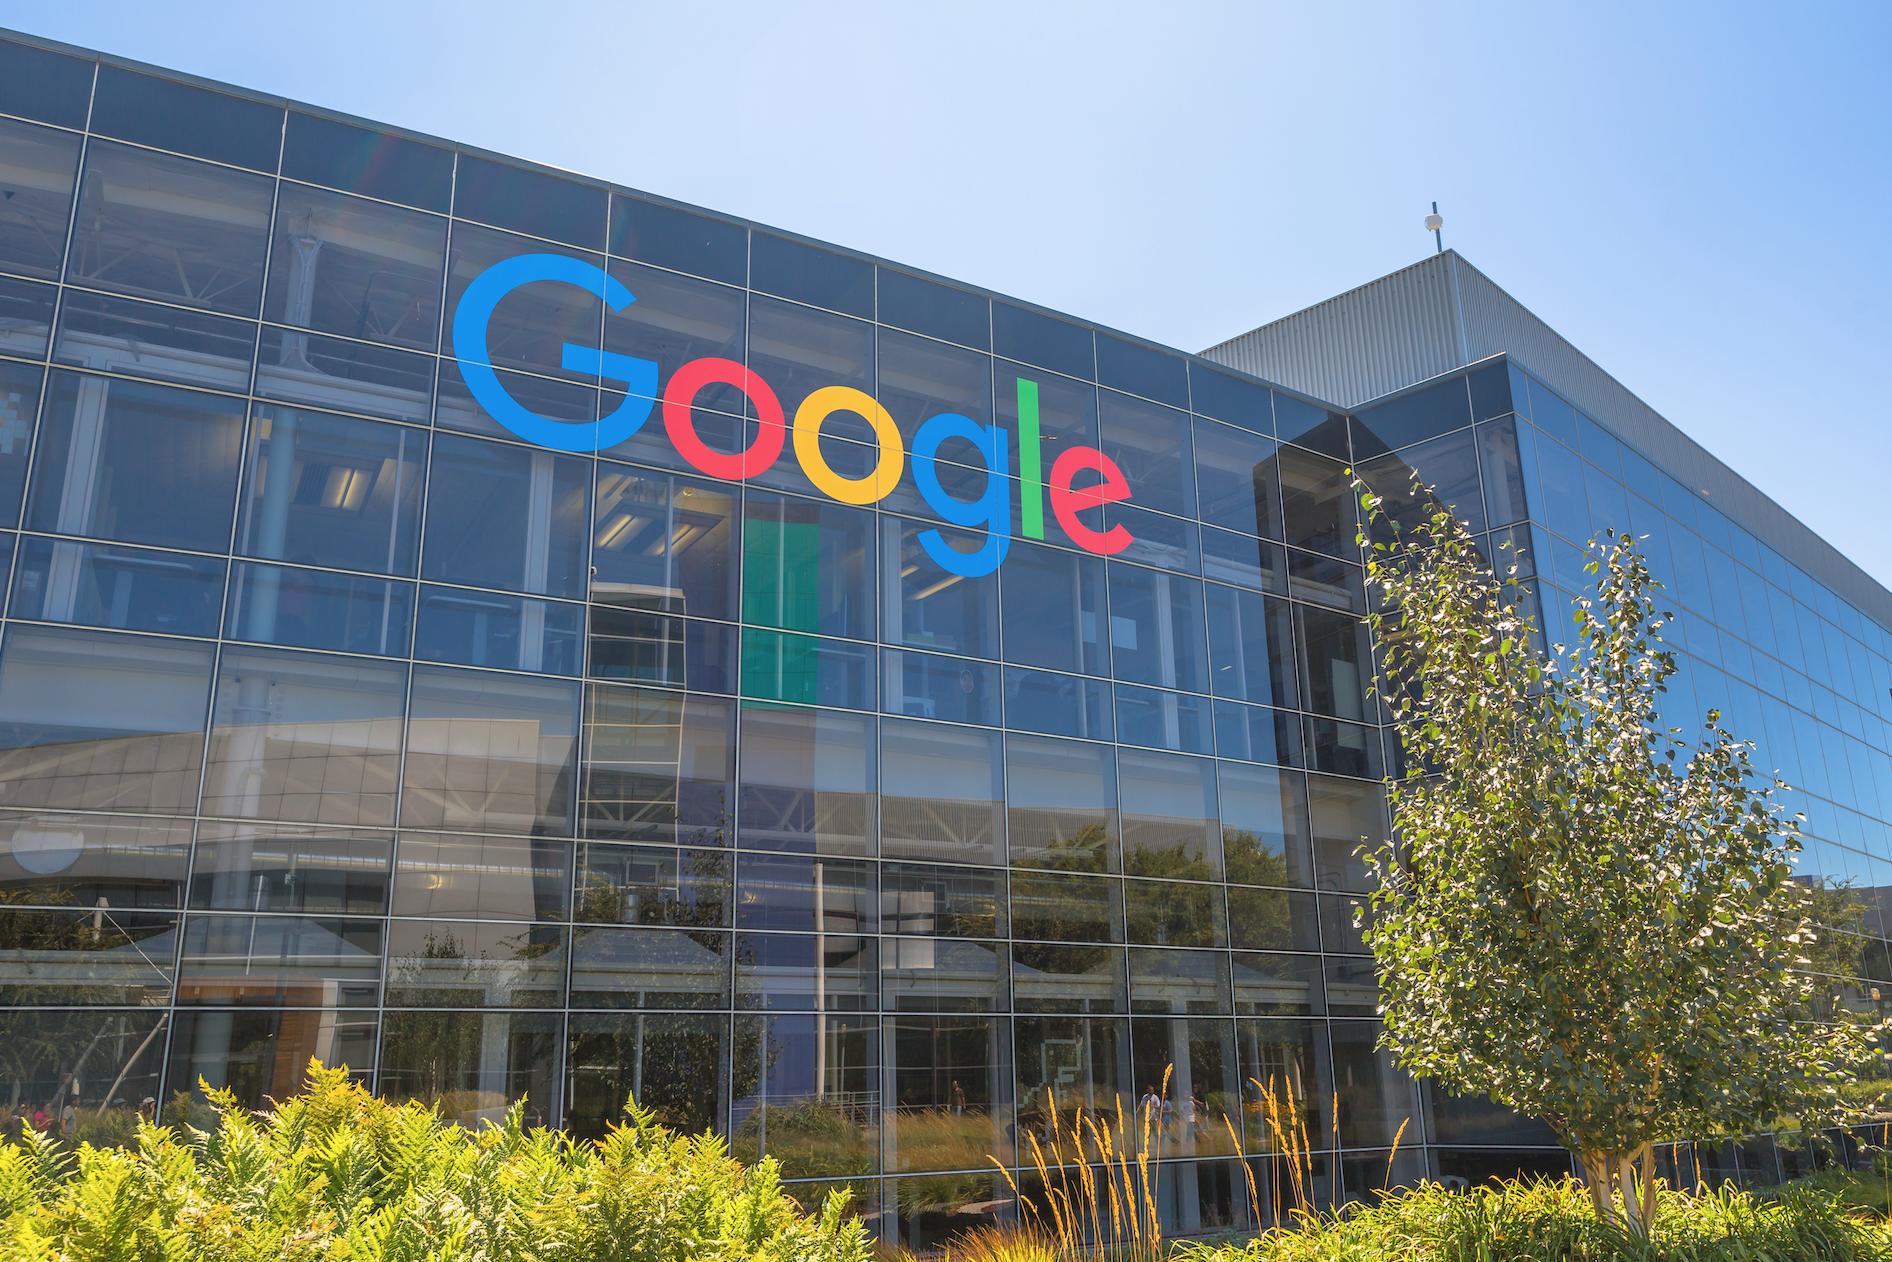 شركة غوغل التابعة لمجموعة ألفابت